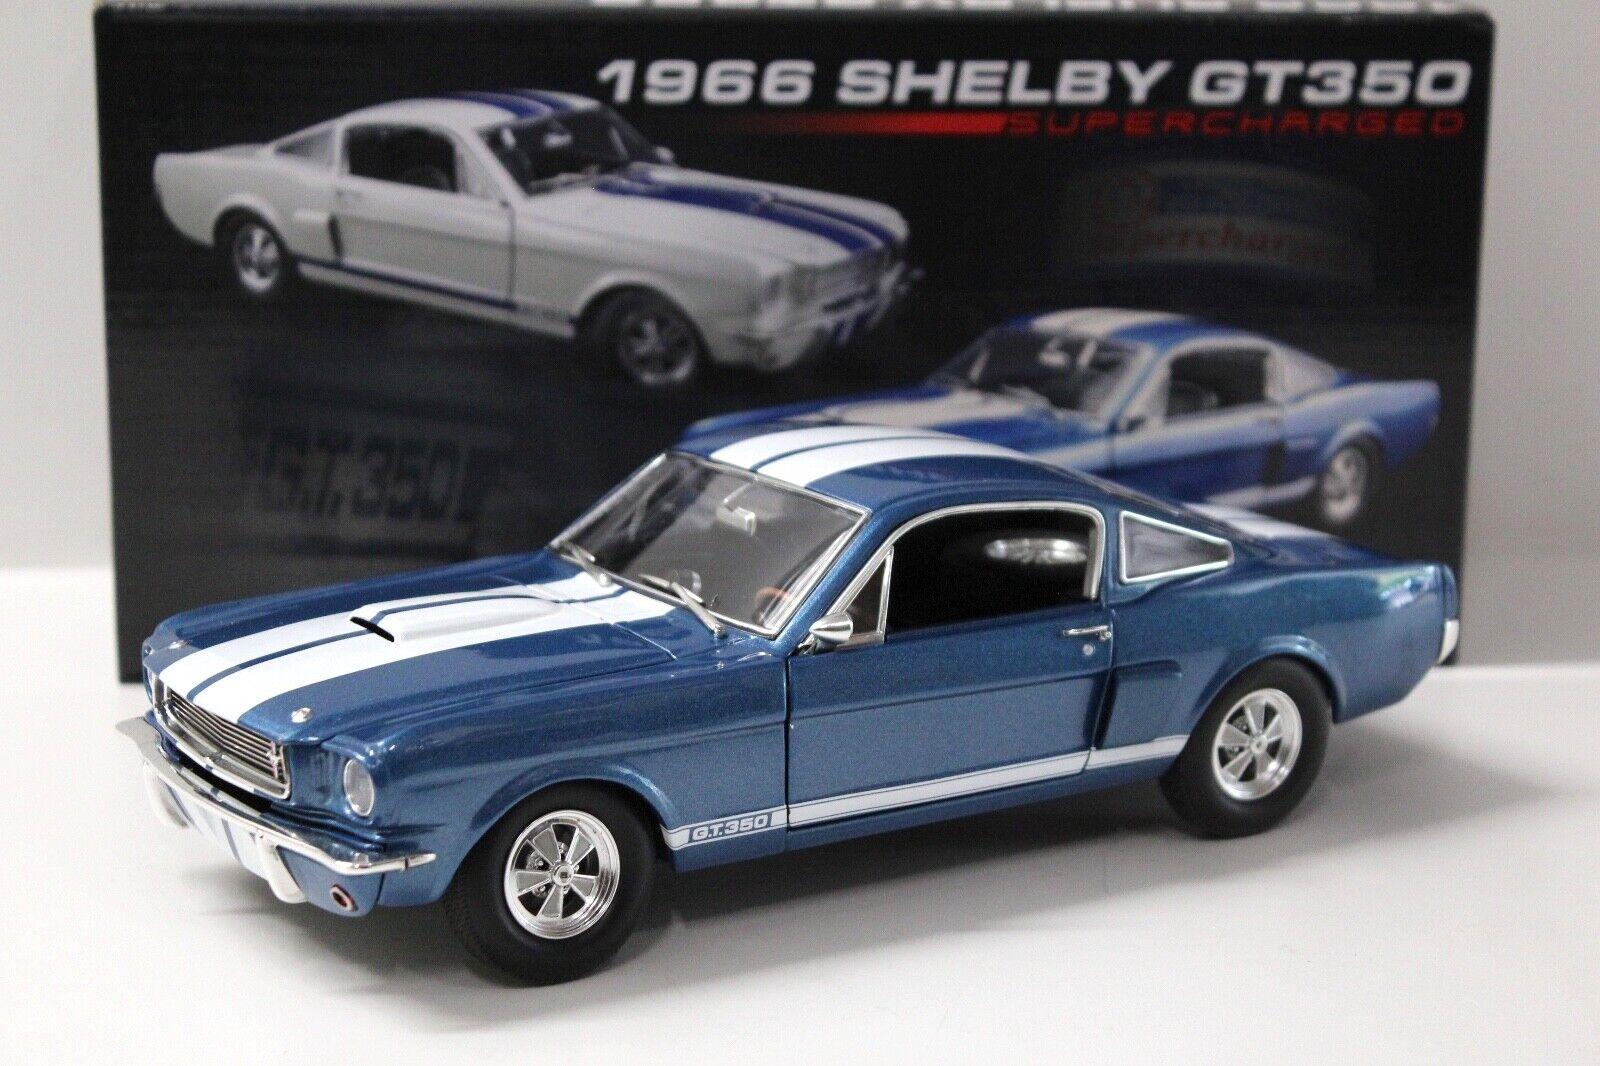 Envío rápido y el mejor servicio 1 18 Acme Mustang Shelby gt350 gt350 gt350 súpercharged azul 1966 New en Premium-modelCoches  Disfruta de un 50% de descuento.